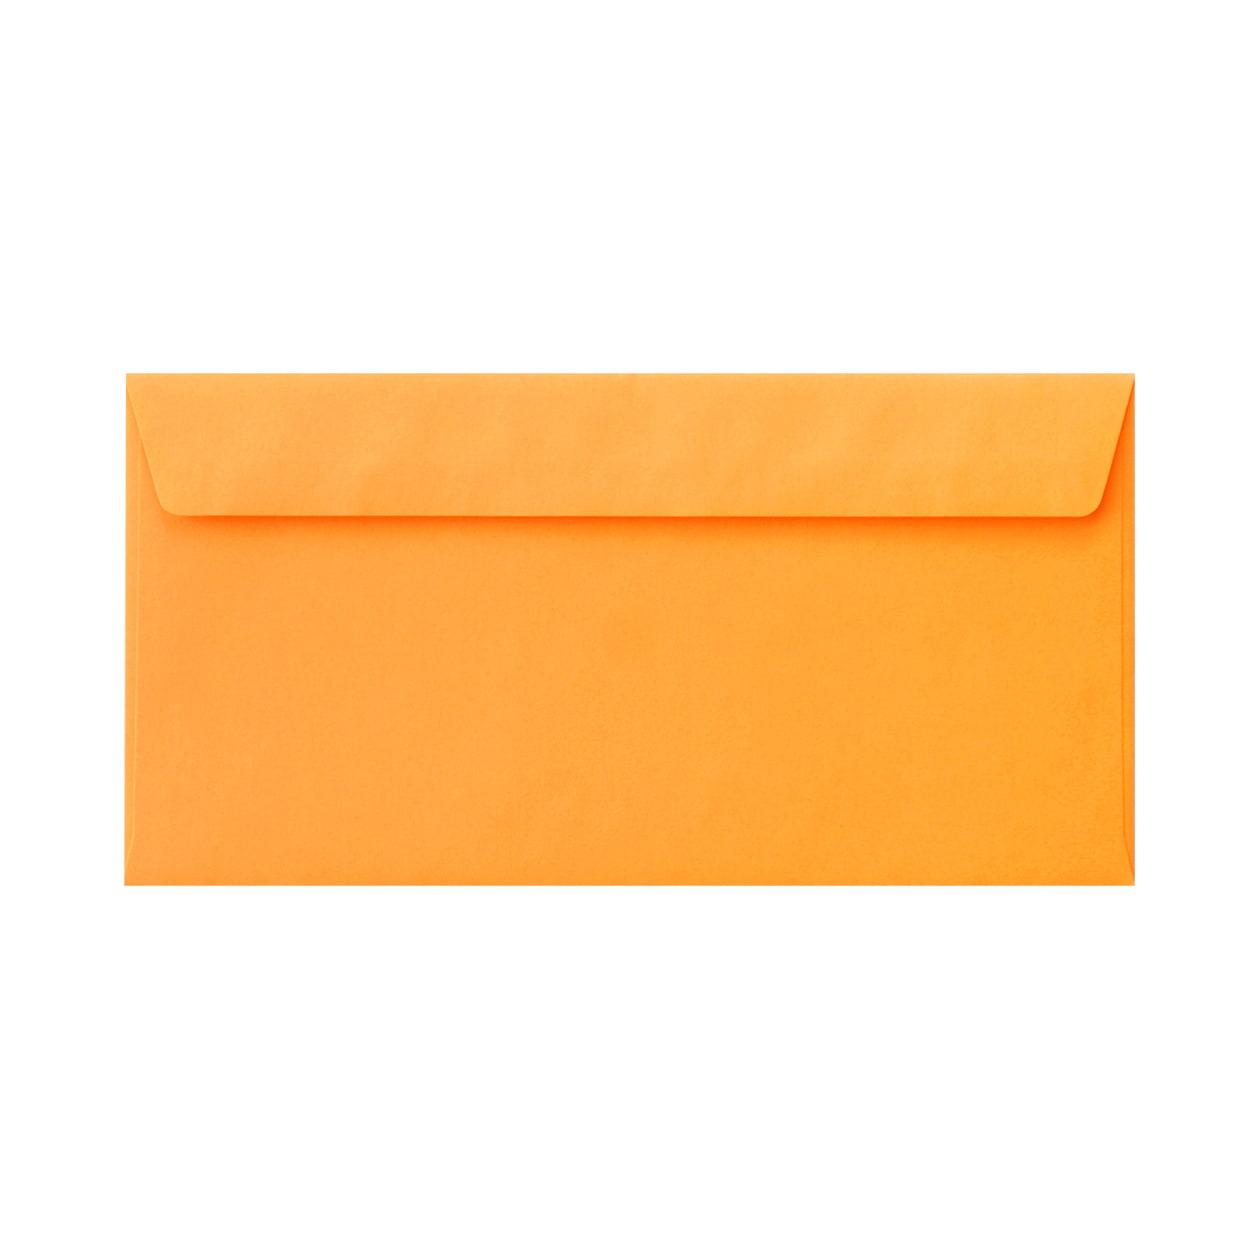 長3カマス34封筒 コニーカラー オレンジ 85g